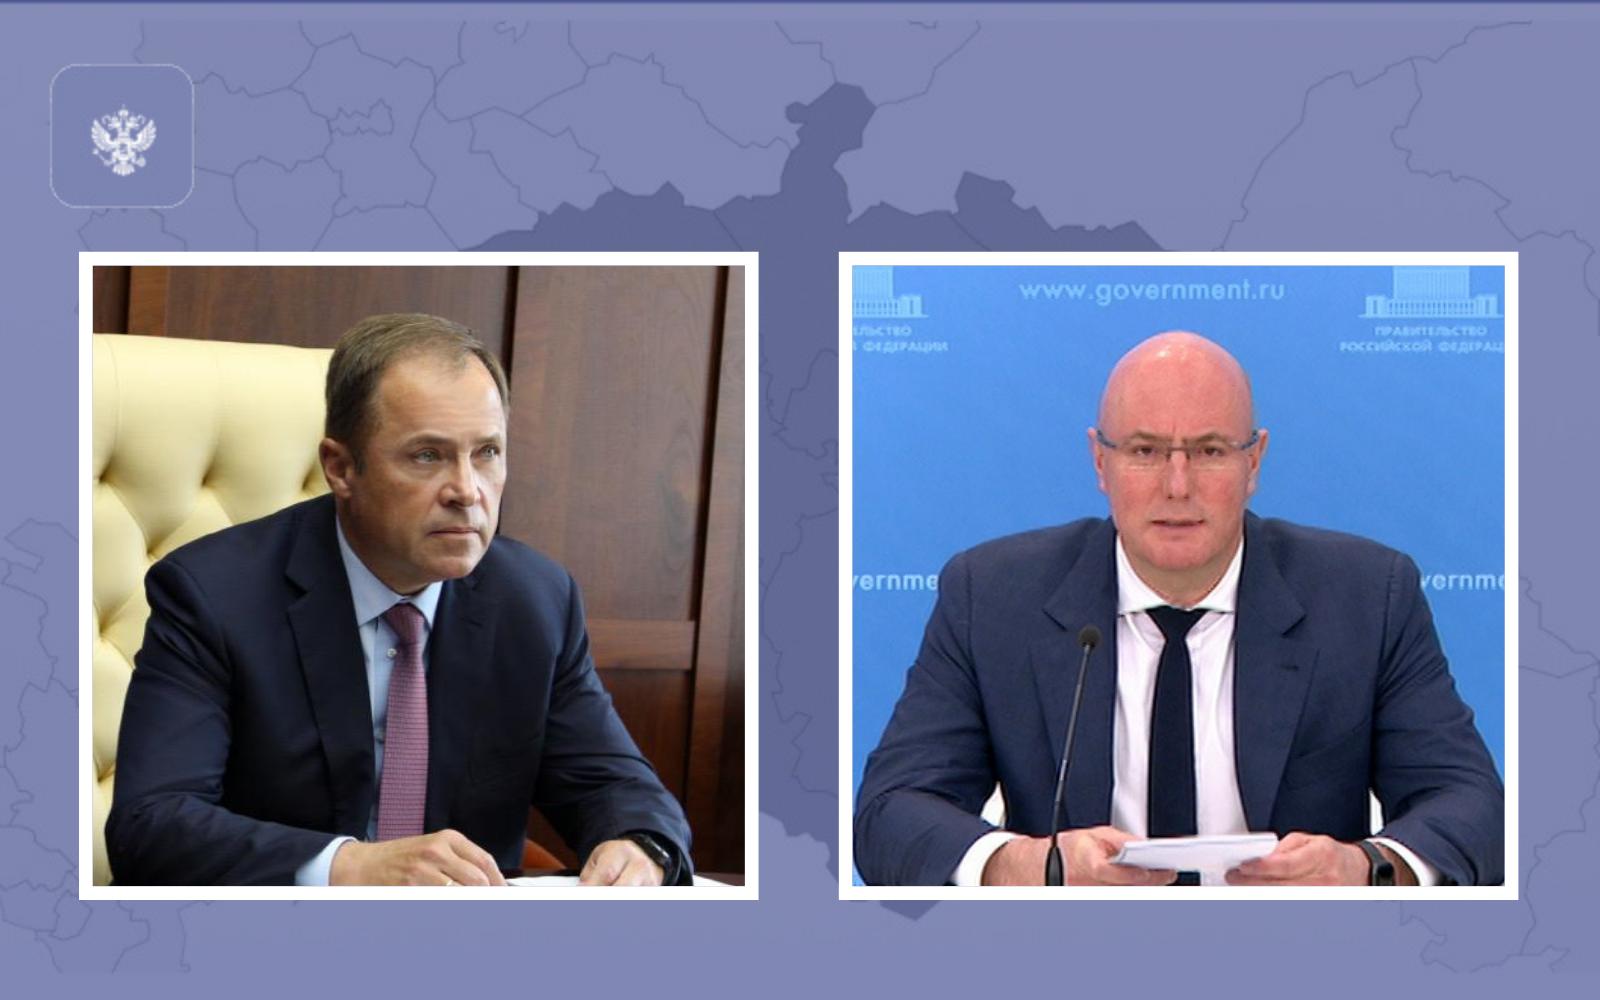 Дмитрий Чернышенко и Игорь Комаров провели совещание с главами регионов ПФО по социально-экономическому развитию